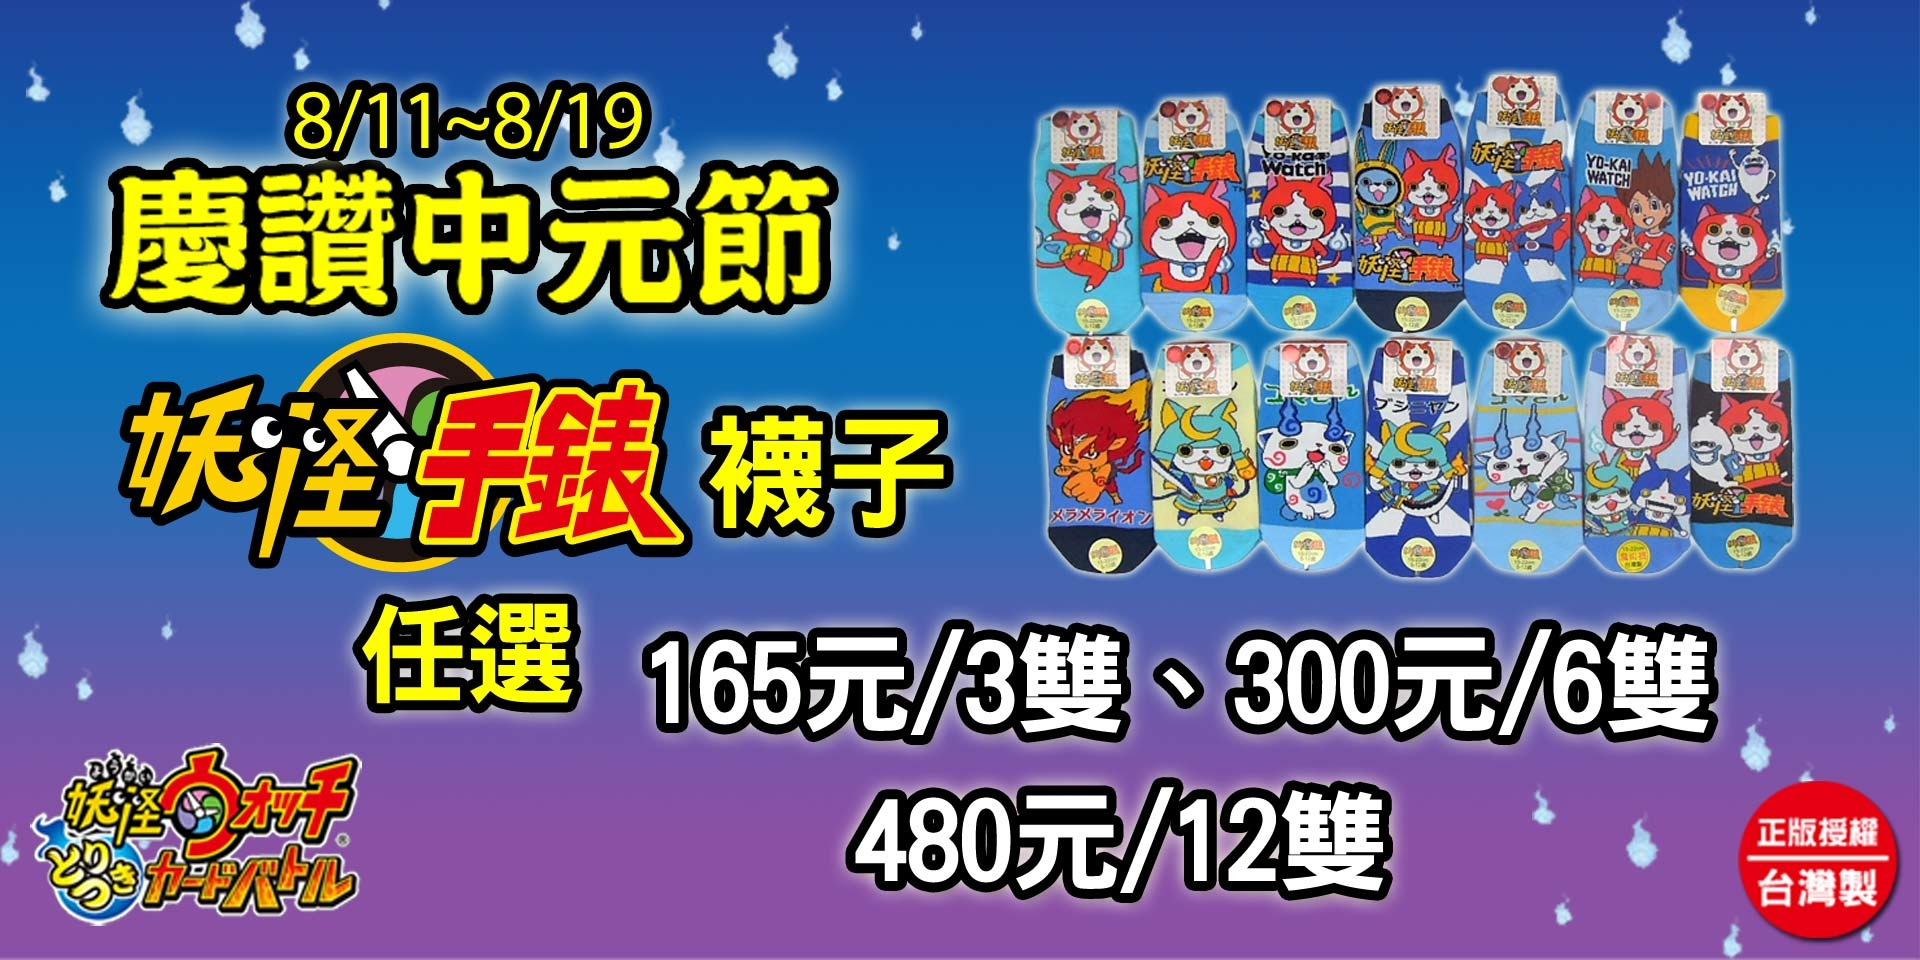 慶讚中元節~妖怪手錶系列襪子,任選165元/3雙、300元/6雙、480元/12雙!